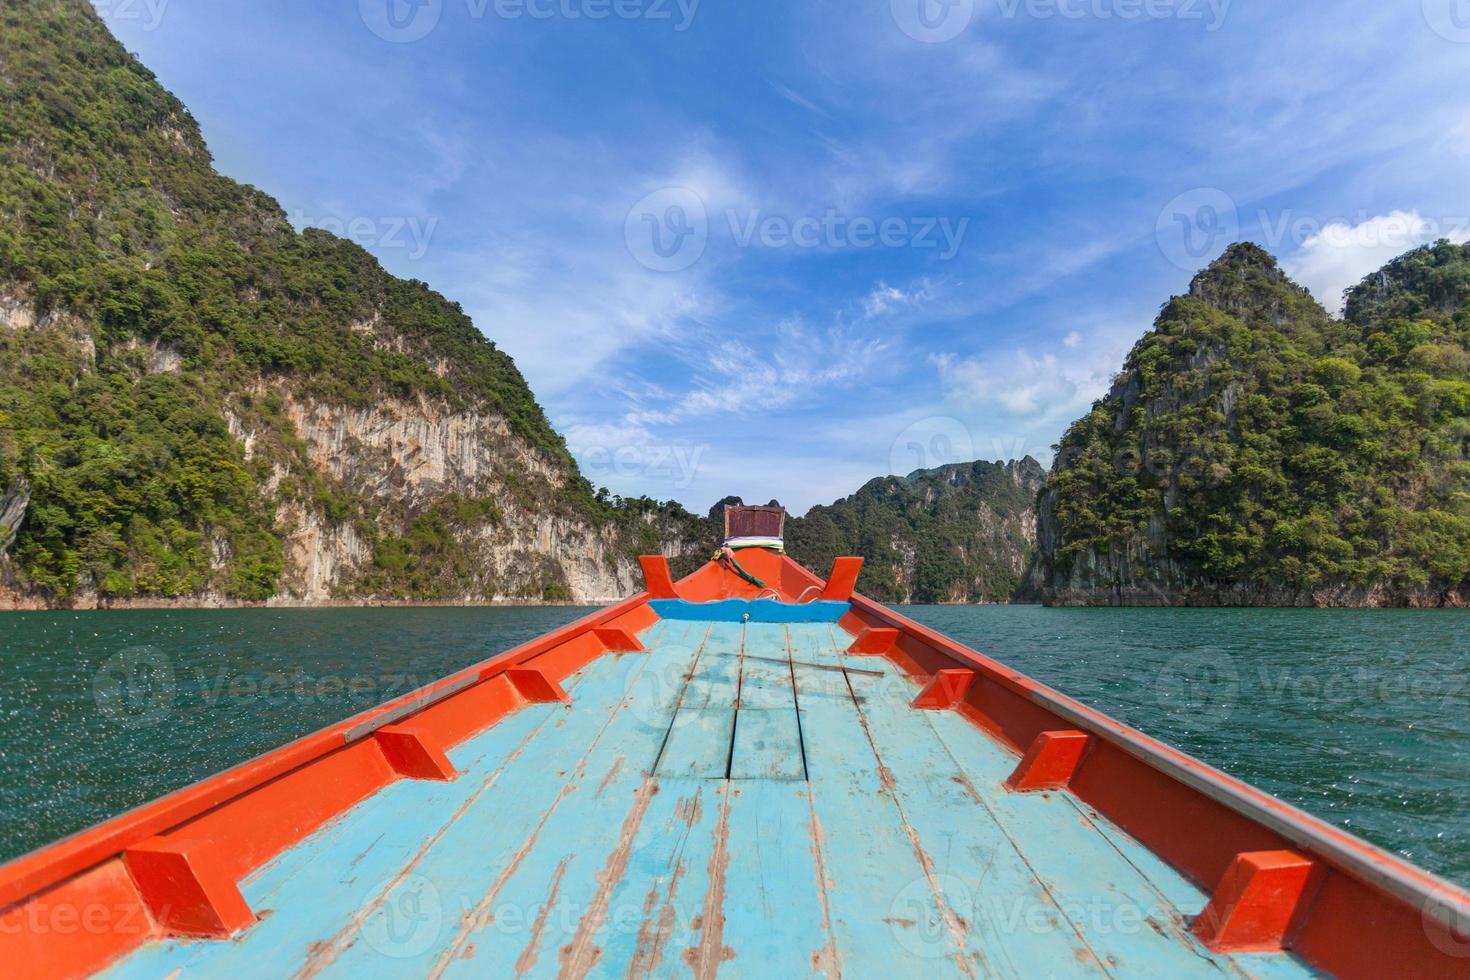 botes na represa de ratchapapha, província de surat thani, tailândia. foto